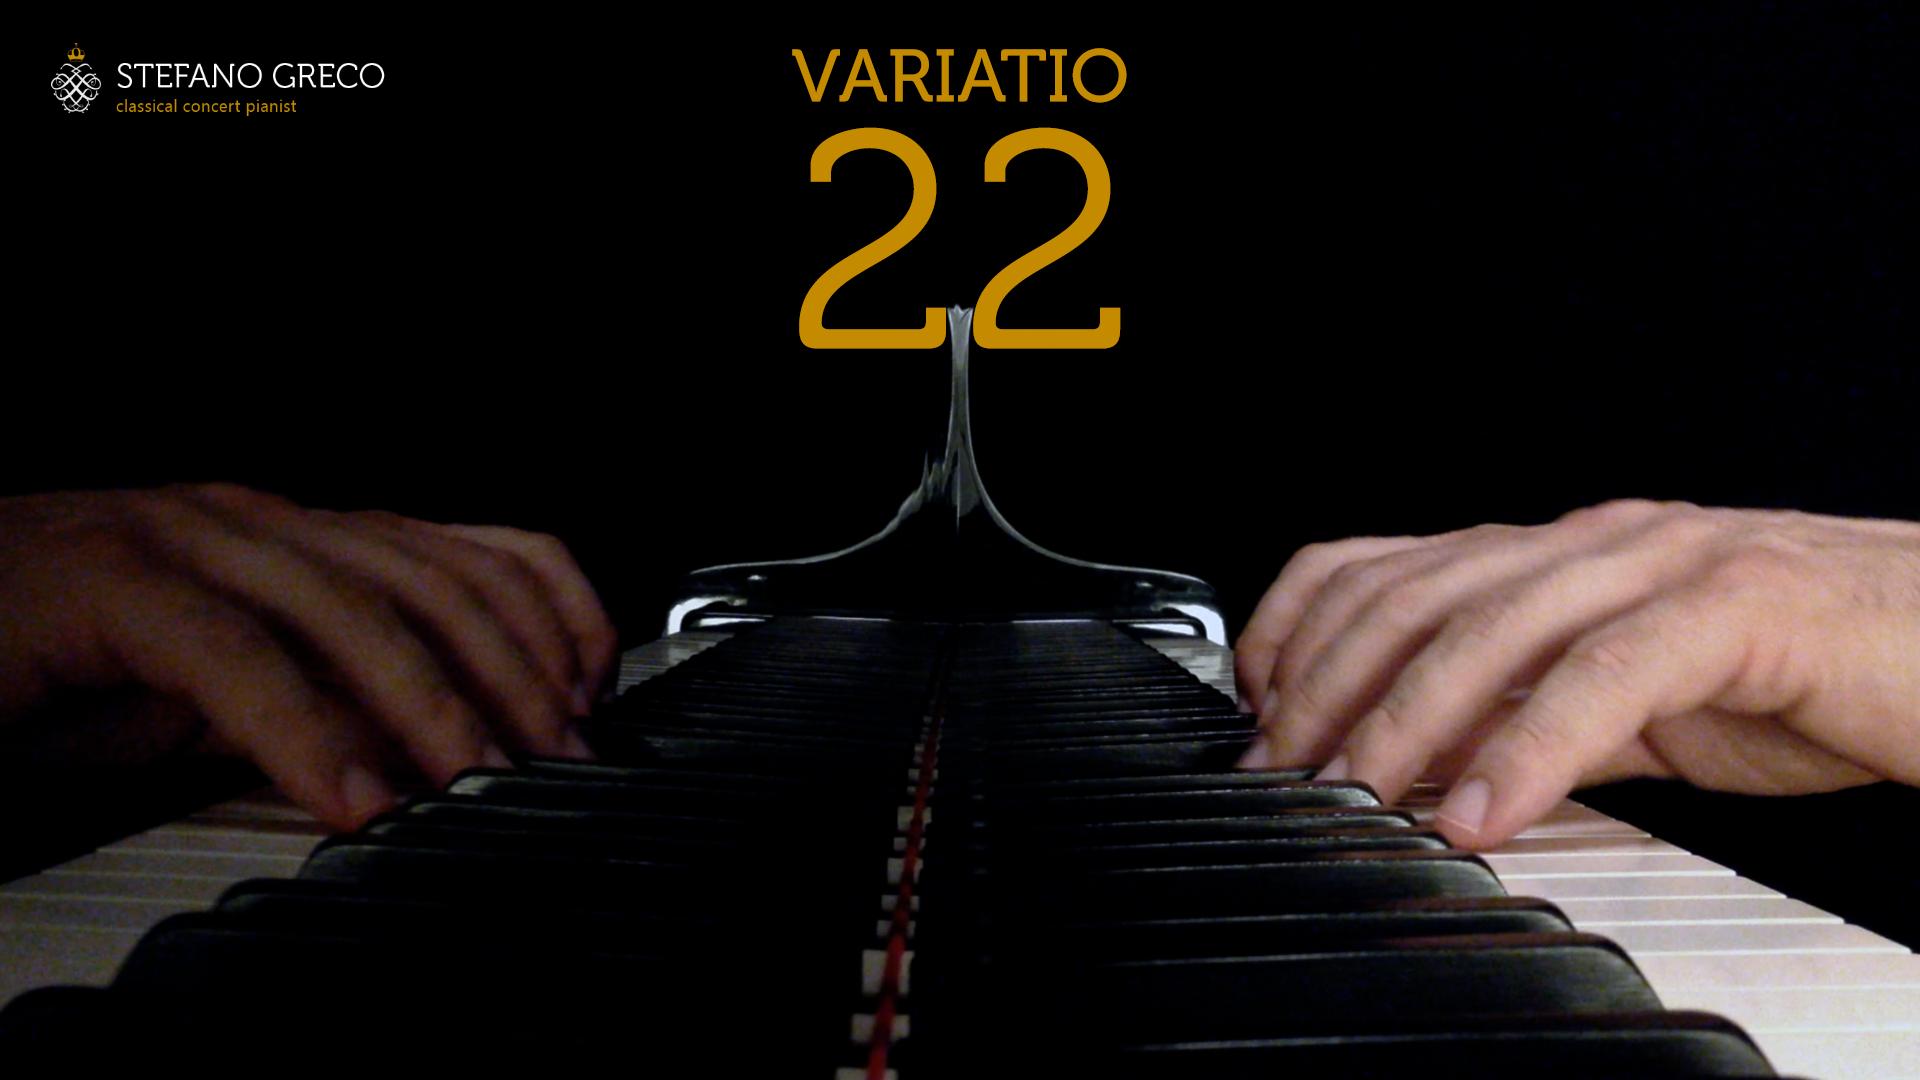 Bach. Goldberg Variations. Variatio XXII. Stefano Greco, piano